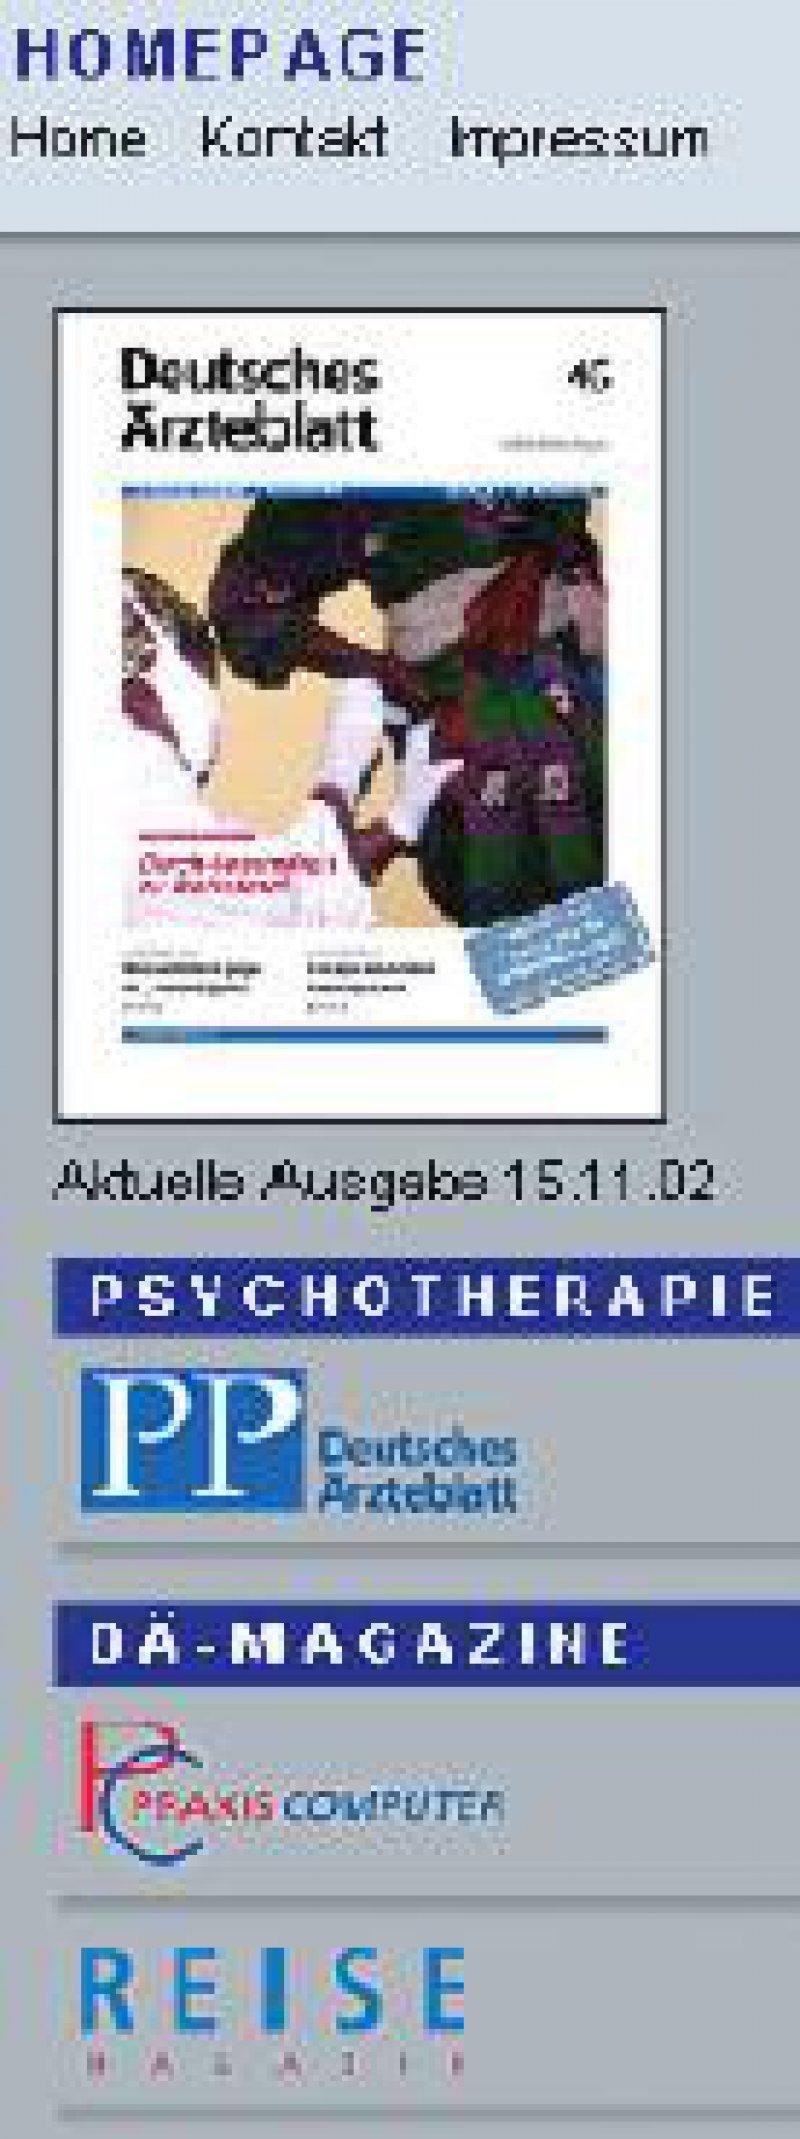 www.aerzteblatt.de